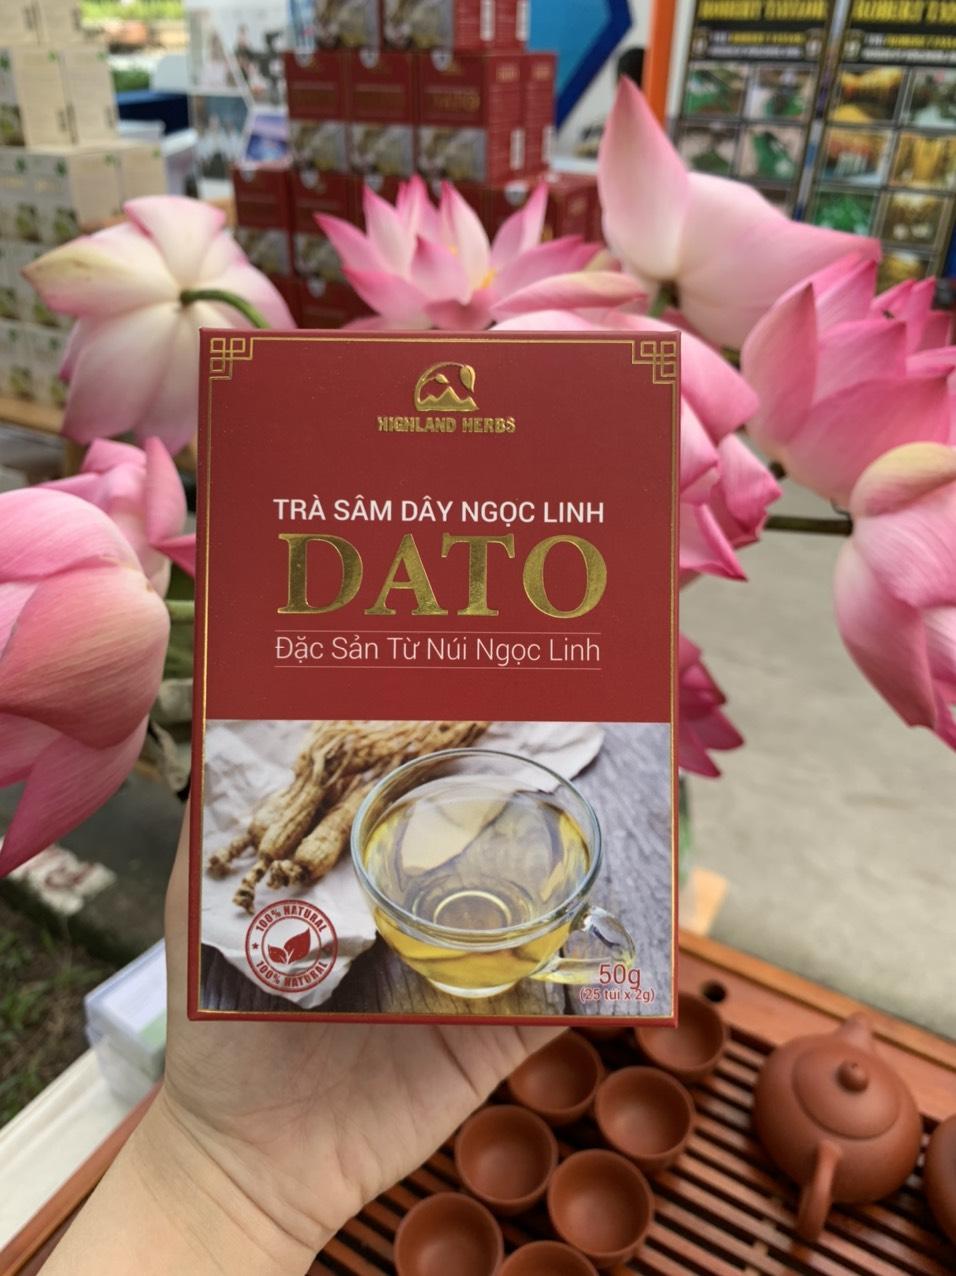 Trà sâm dây Ngọc Linh DATO - món quà cho sức khỏe